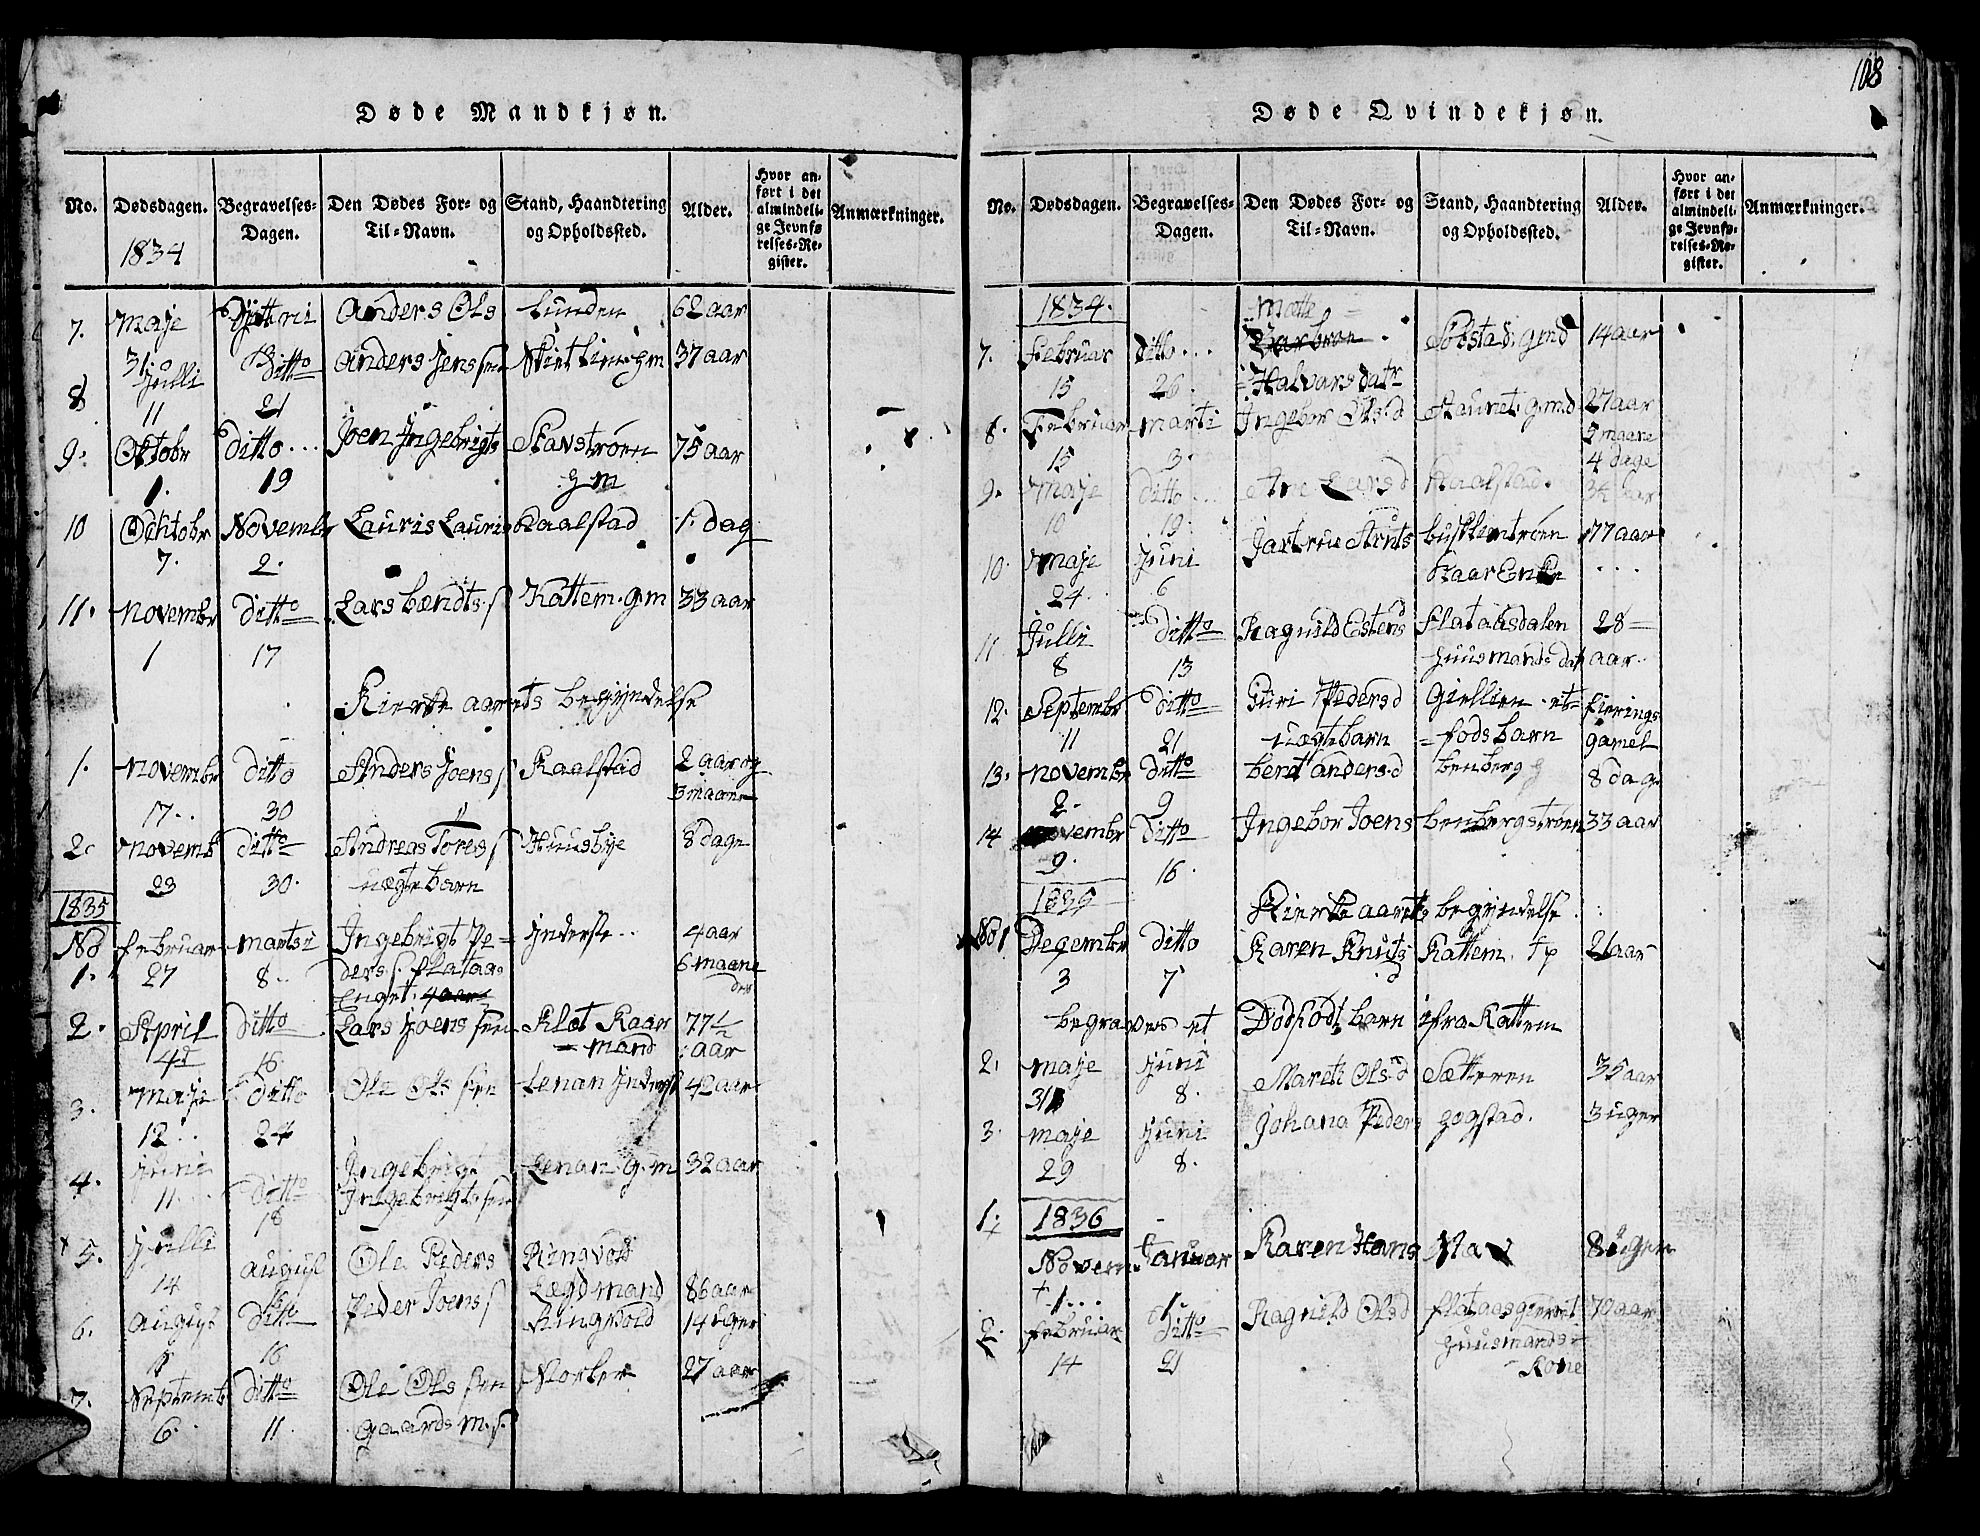 SAT, Ministerialprotokoller, klokkerbøker og fødselsregistre - Sør-Trøndelag, 613/L0393: Klokkerbok nr. 613C01, 1816-1886, s. 108